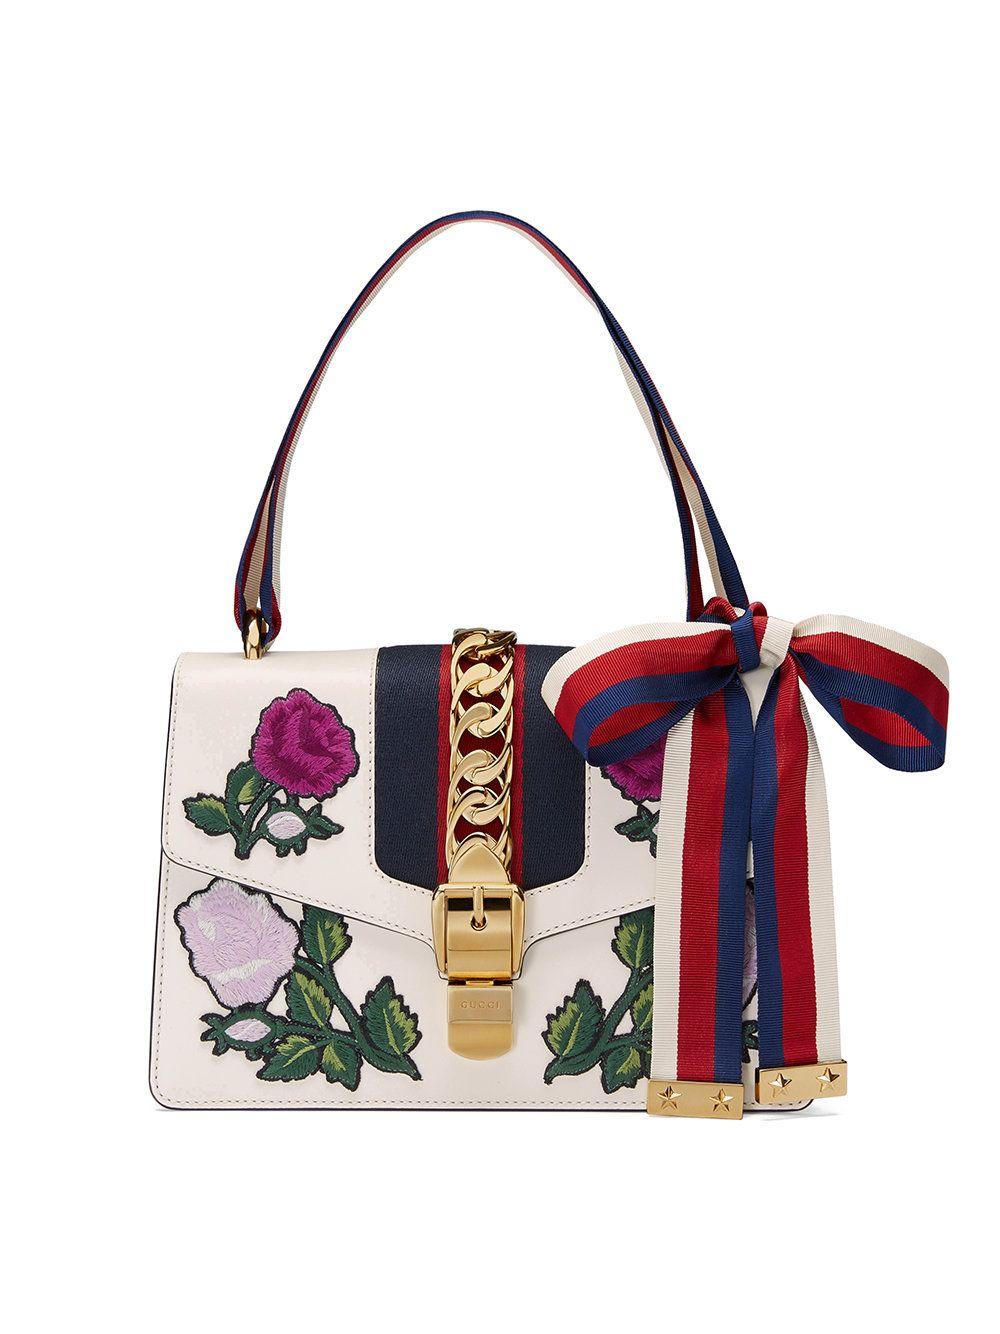 f8e5c7f6cae Gucci White Embroidered Sylvie Small Shoulder Bag